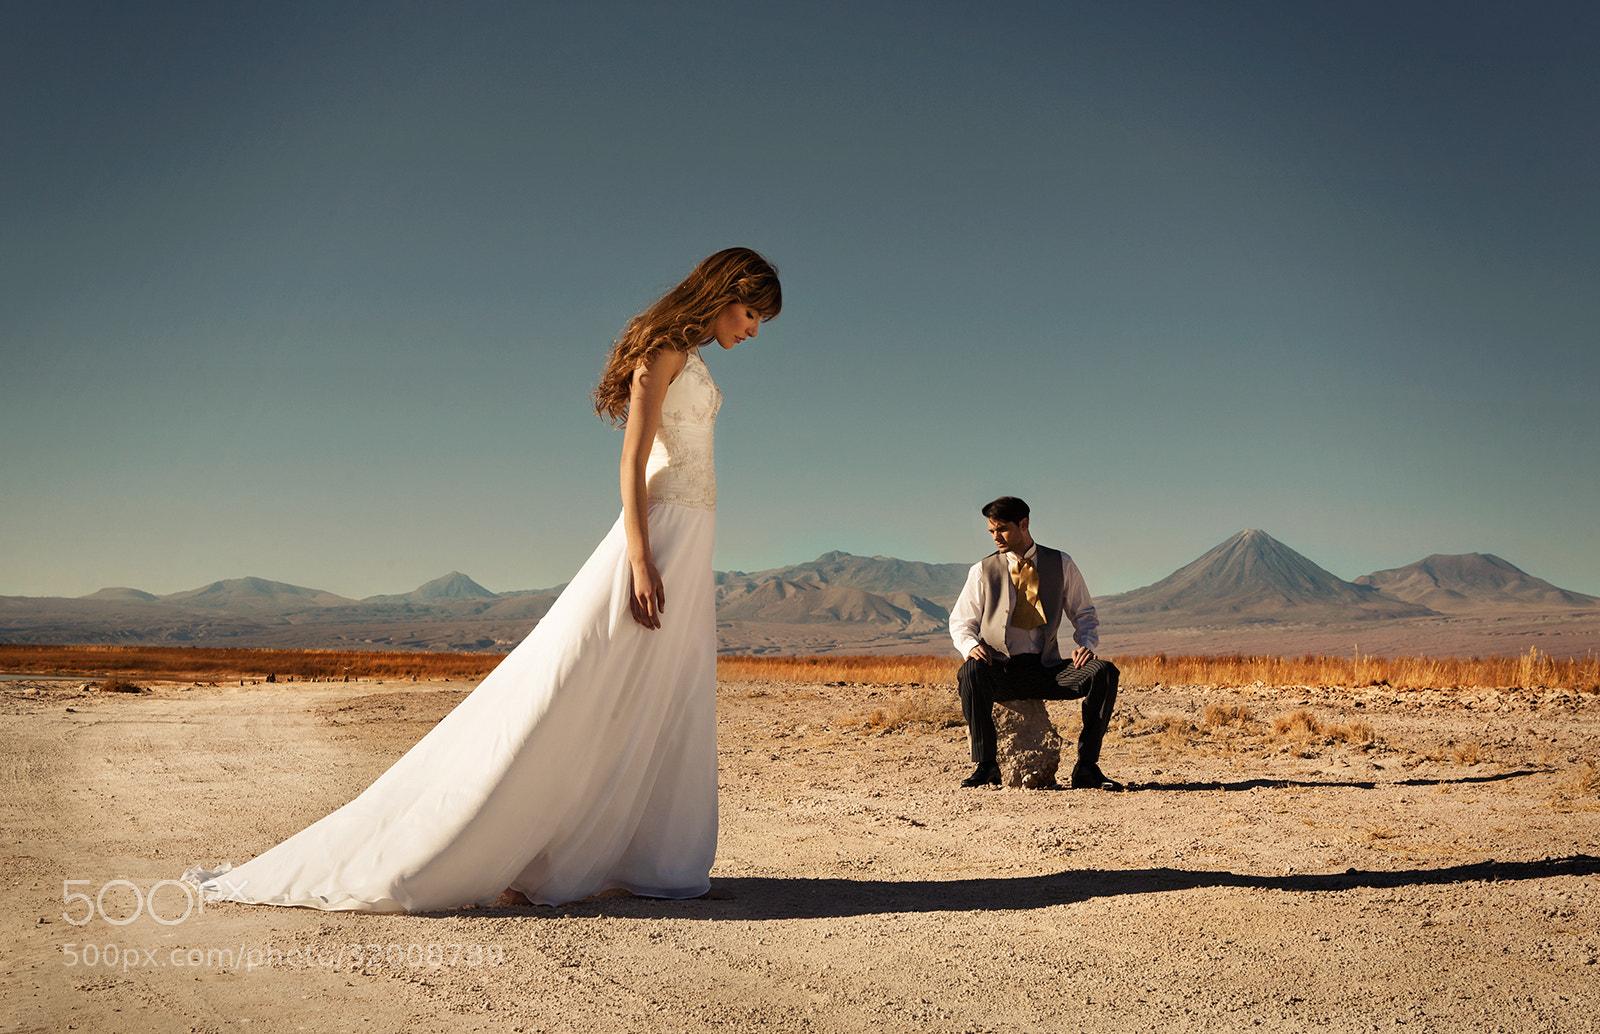 Photograph Atacama Brides Fashion by Wieslaw Olejniczak on 500px